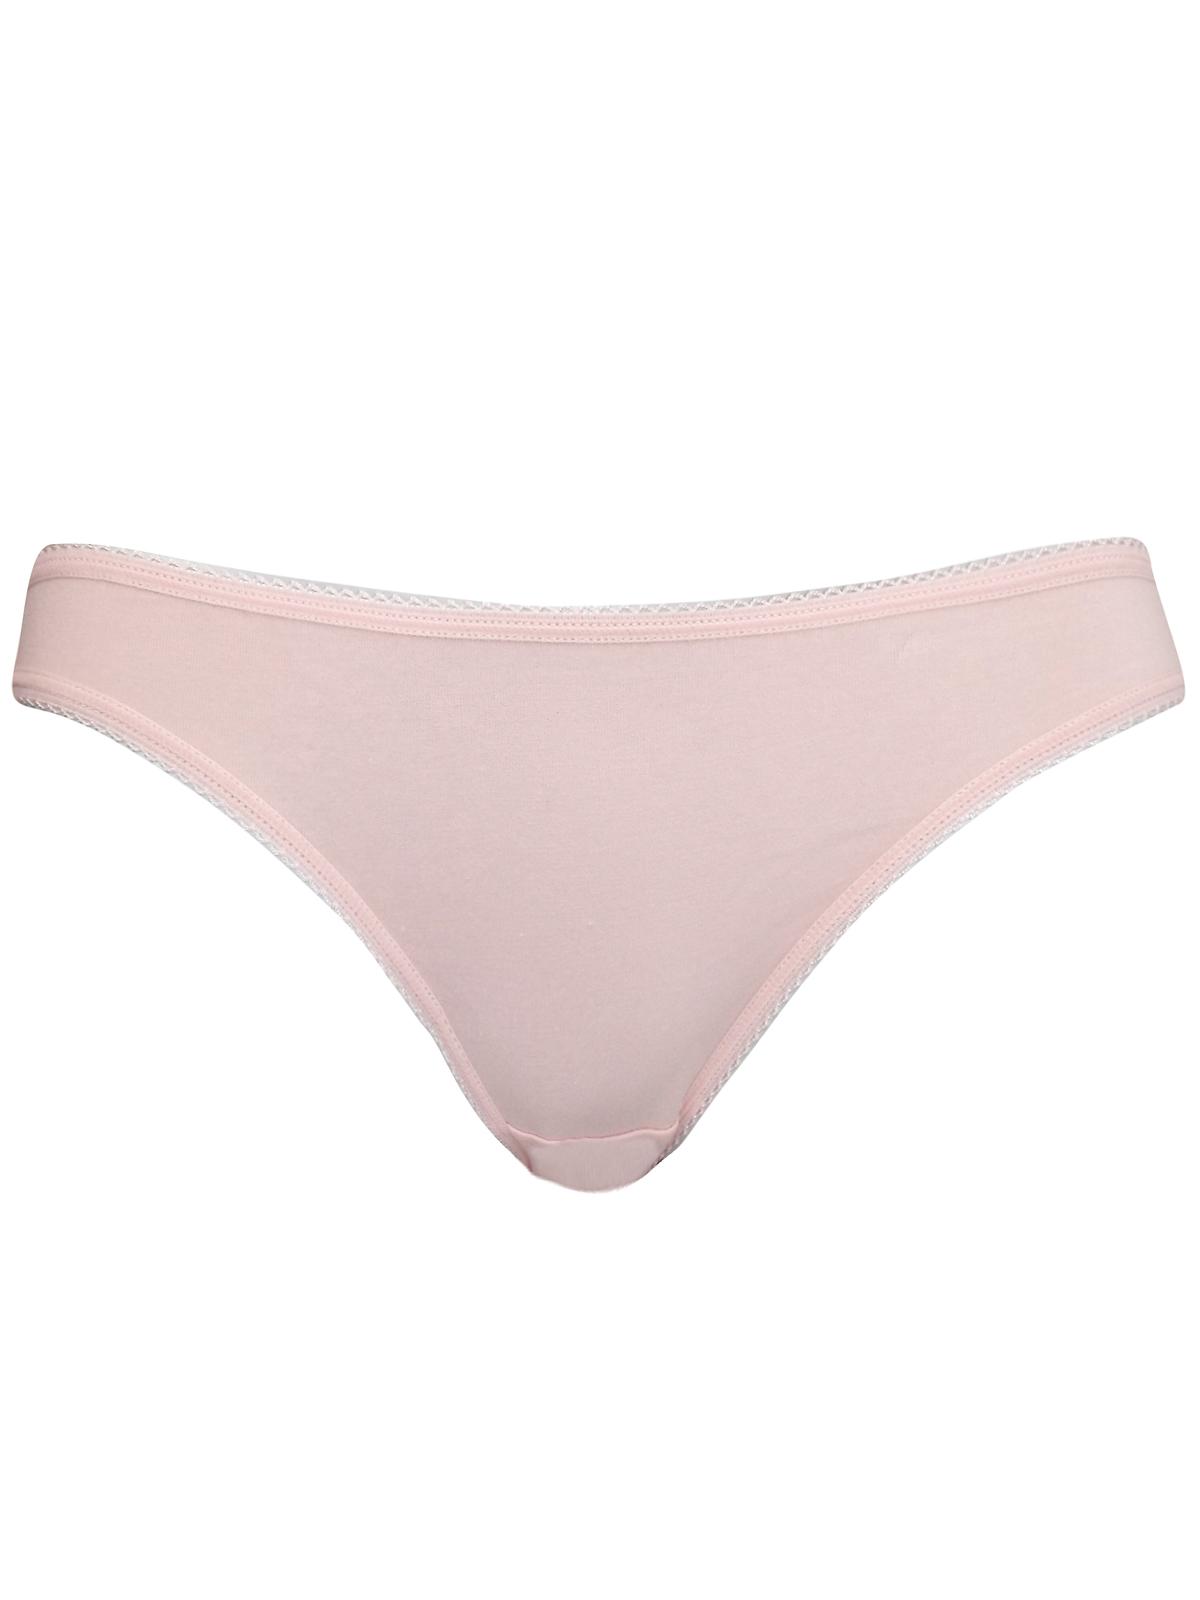 G3orge PINK 5-Pack Cotton Rich Bikini Knickers - Size 8. SKU 36720  206039815